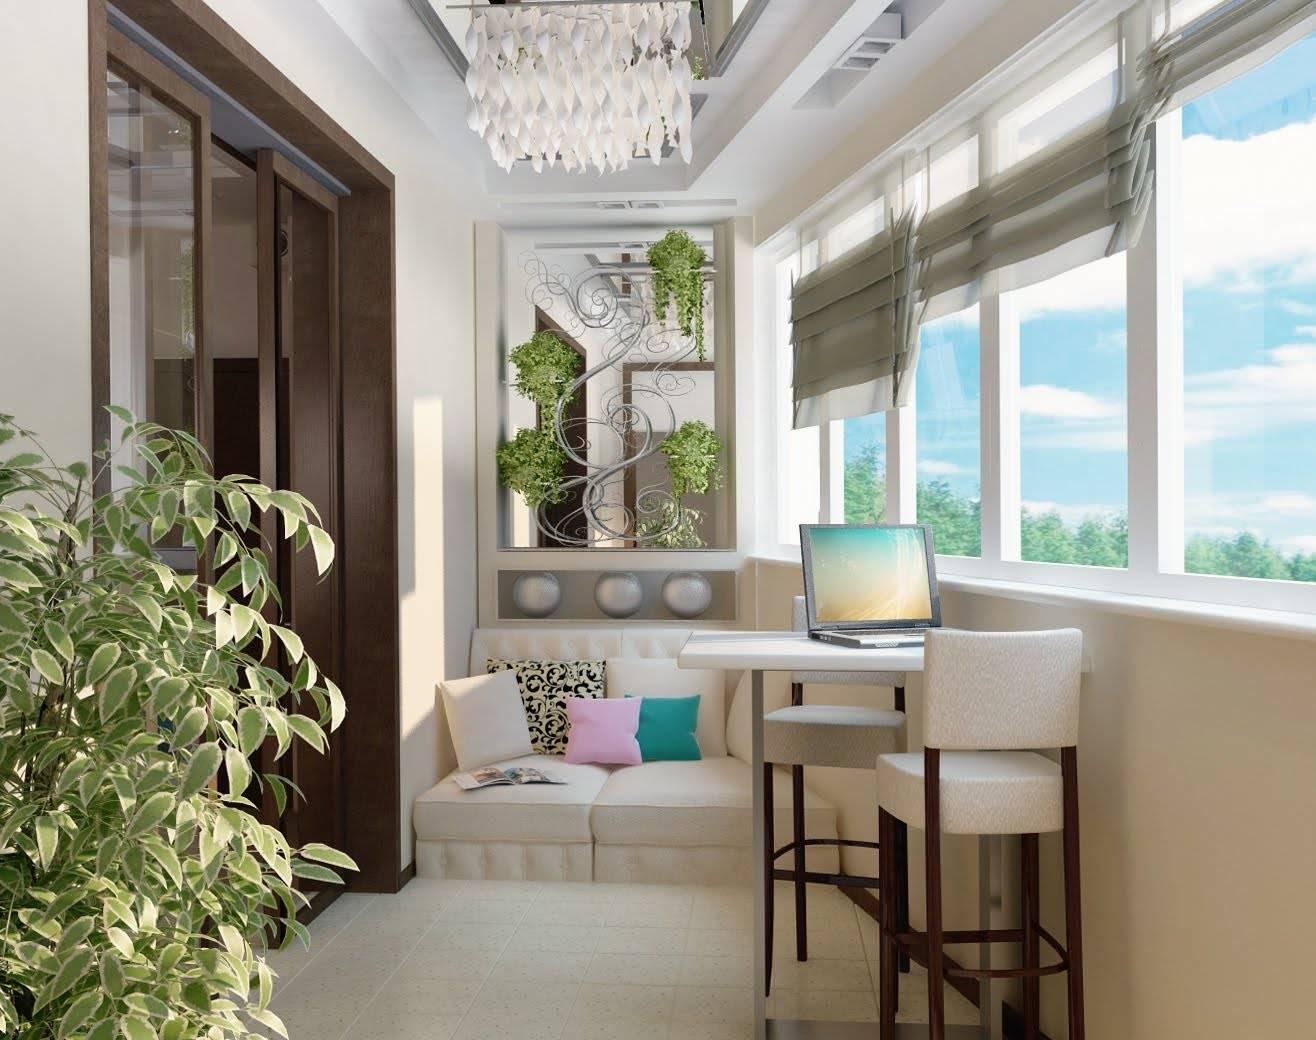 Французские балконы - дизайн (33 фото)